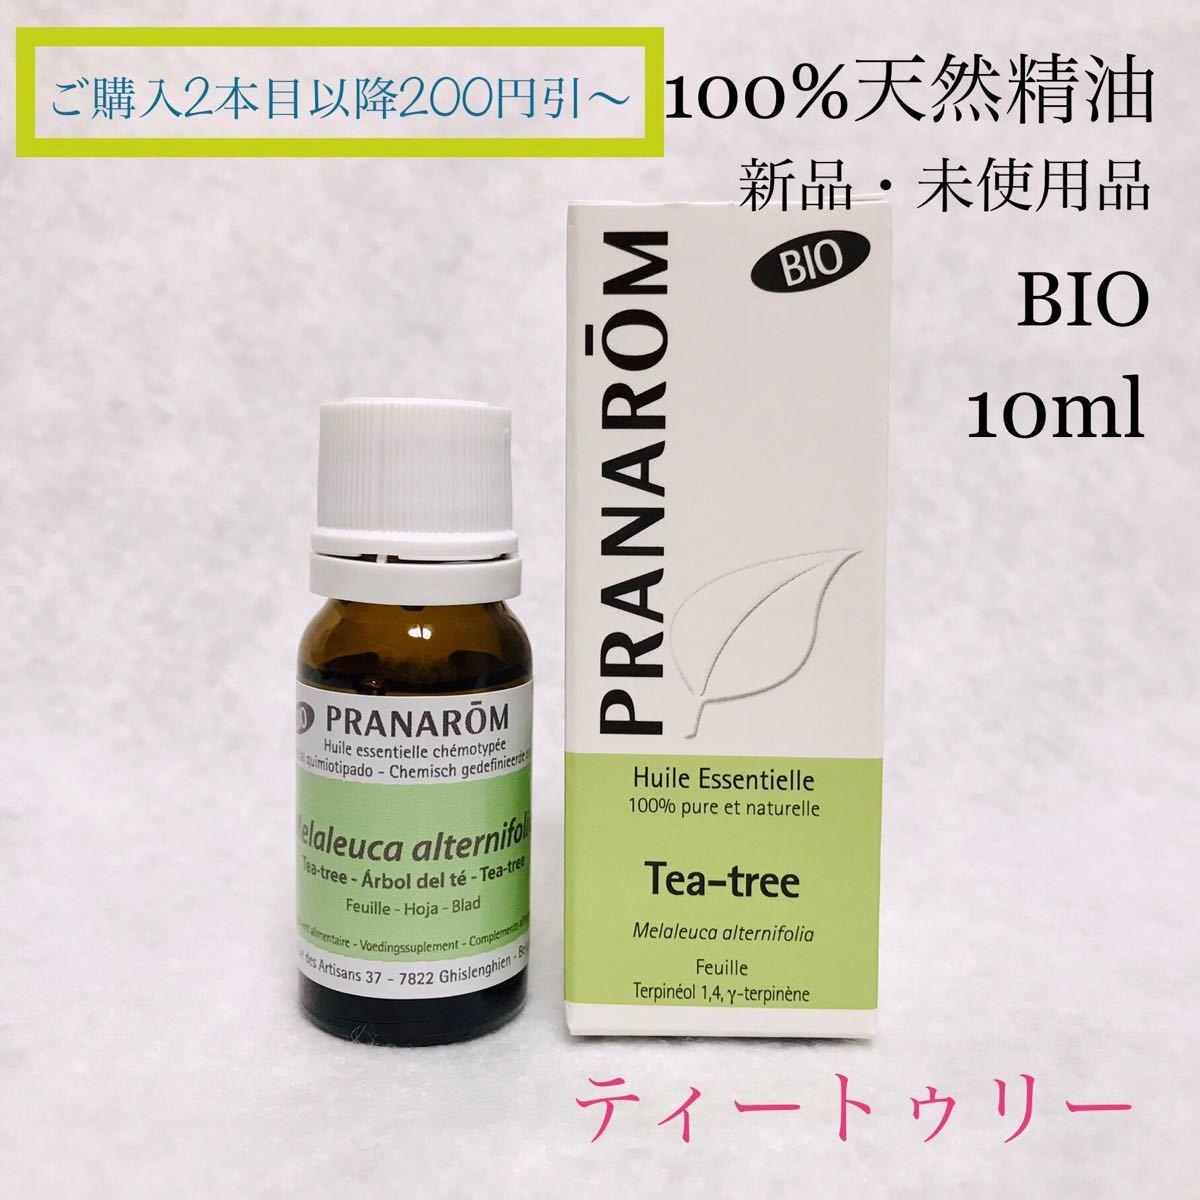 新品プラナロム100%天然精油BIOティートゥリー10ml